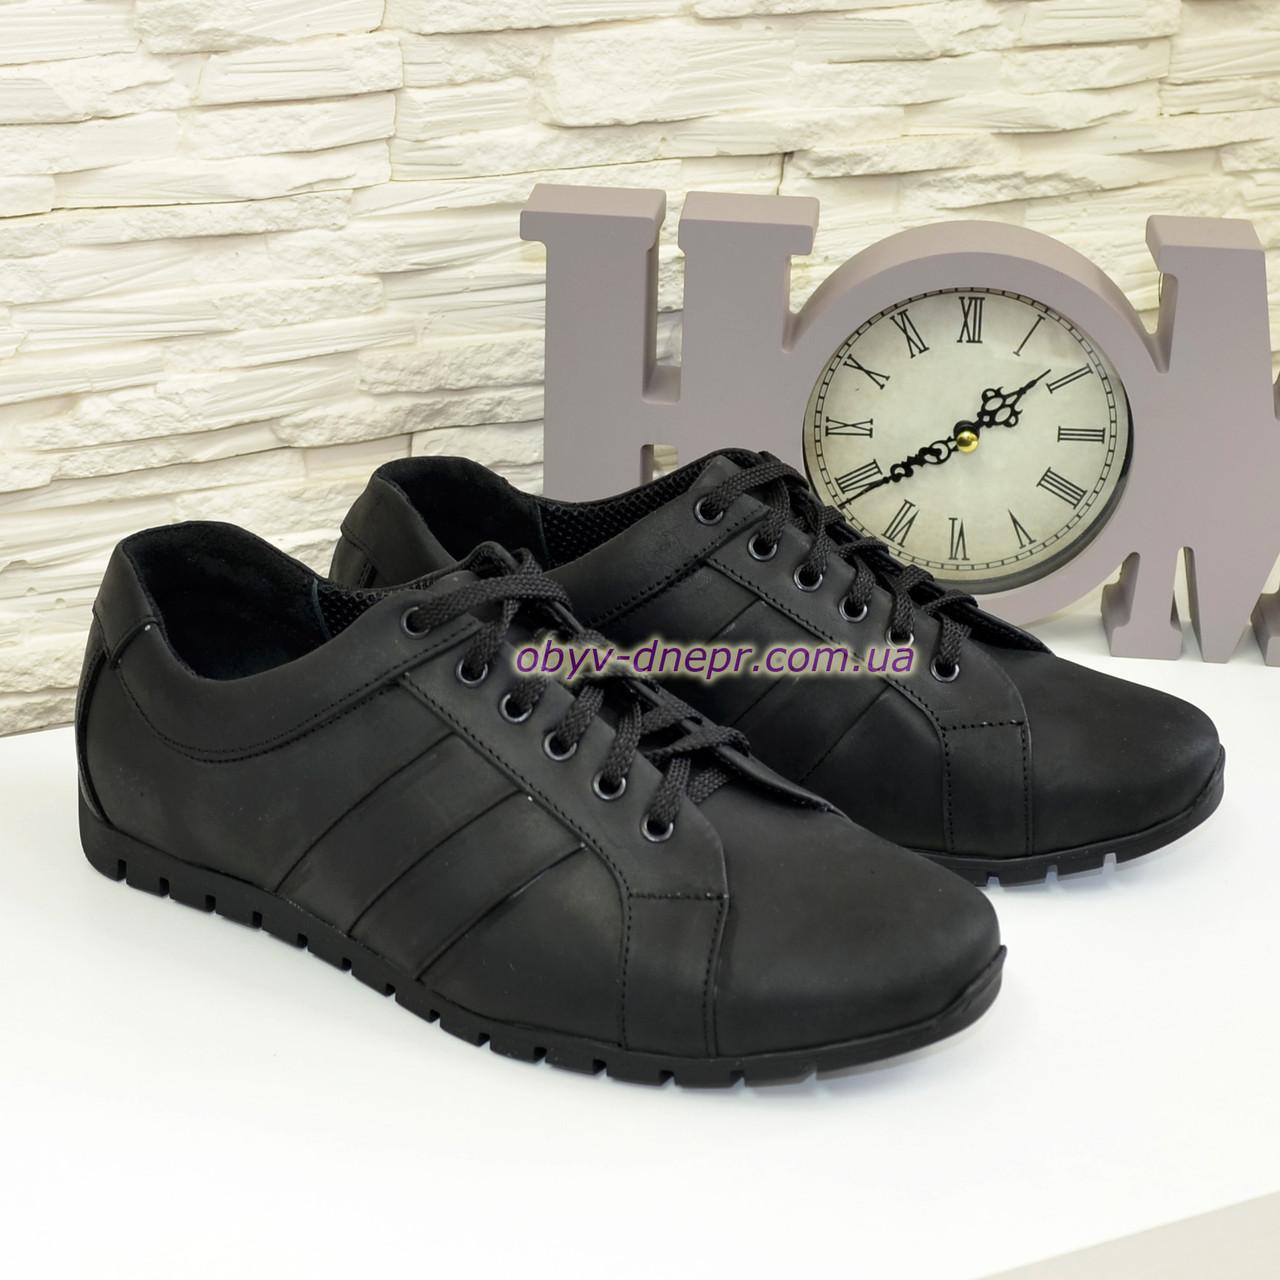 9fe89397a99be Туфли-кроссовки кожаные мужские комфортные, цвет черный - Интернет-магазин